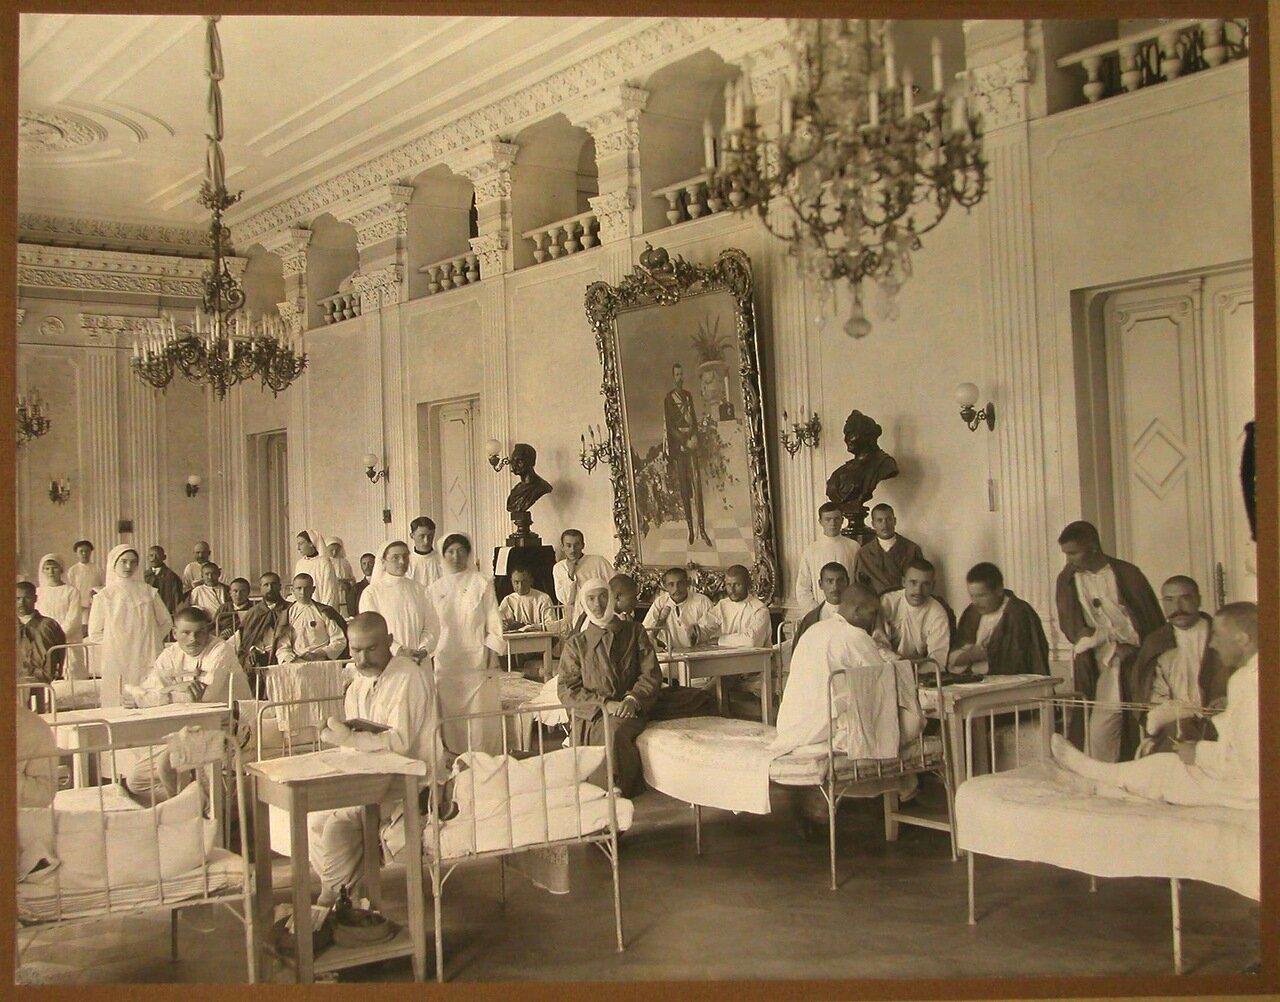 03. Раненые и медицинский персонал в одной из палат бывшего зала Дворянского собрания